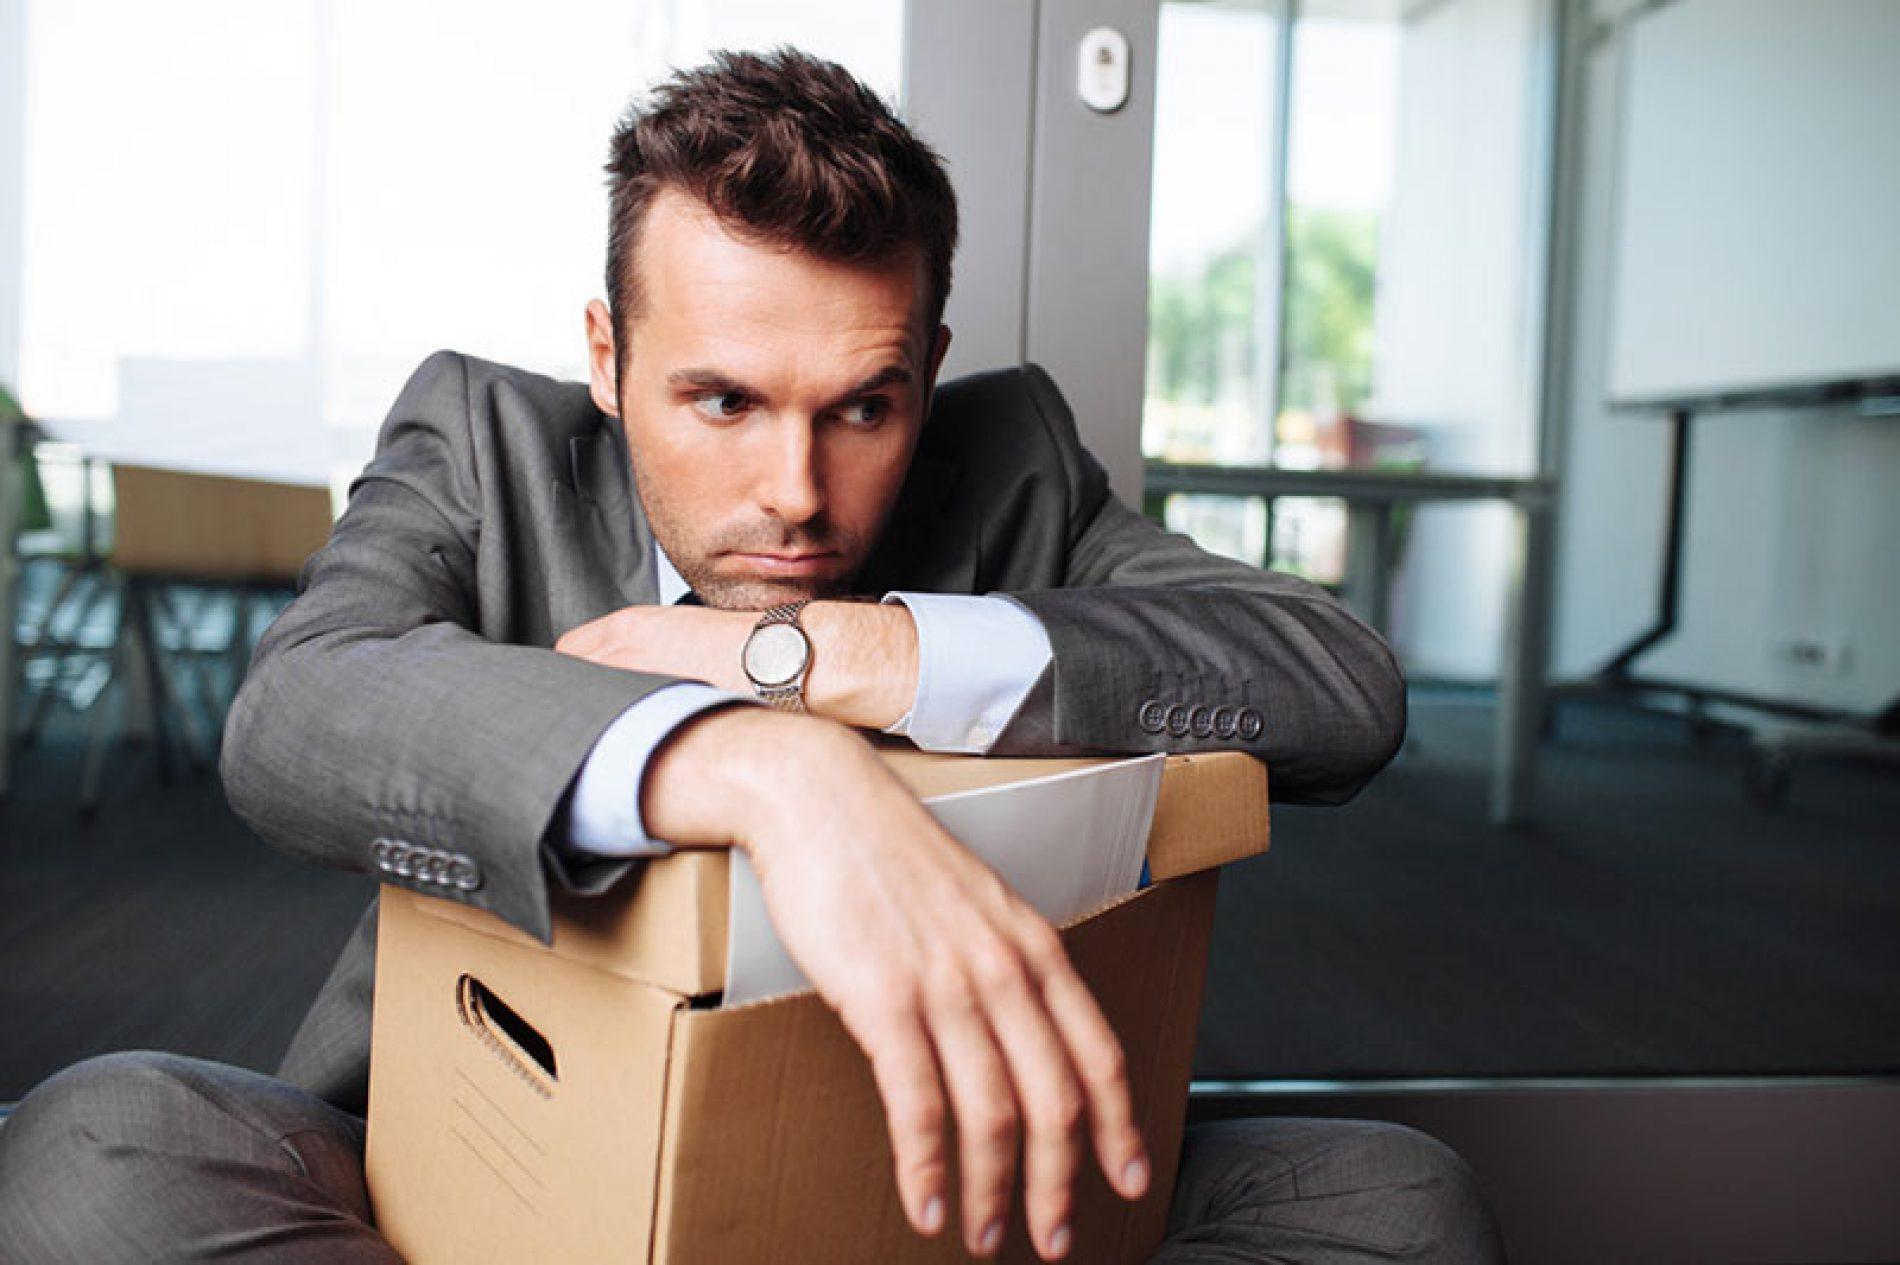 Licenziamento : insussistenza del fatto contestato e comportamento lecito [E.Massi]